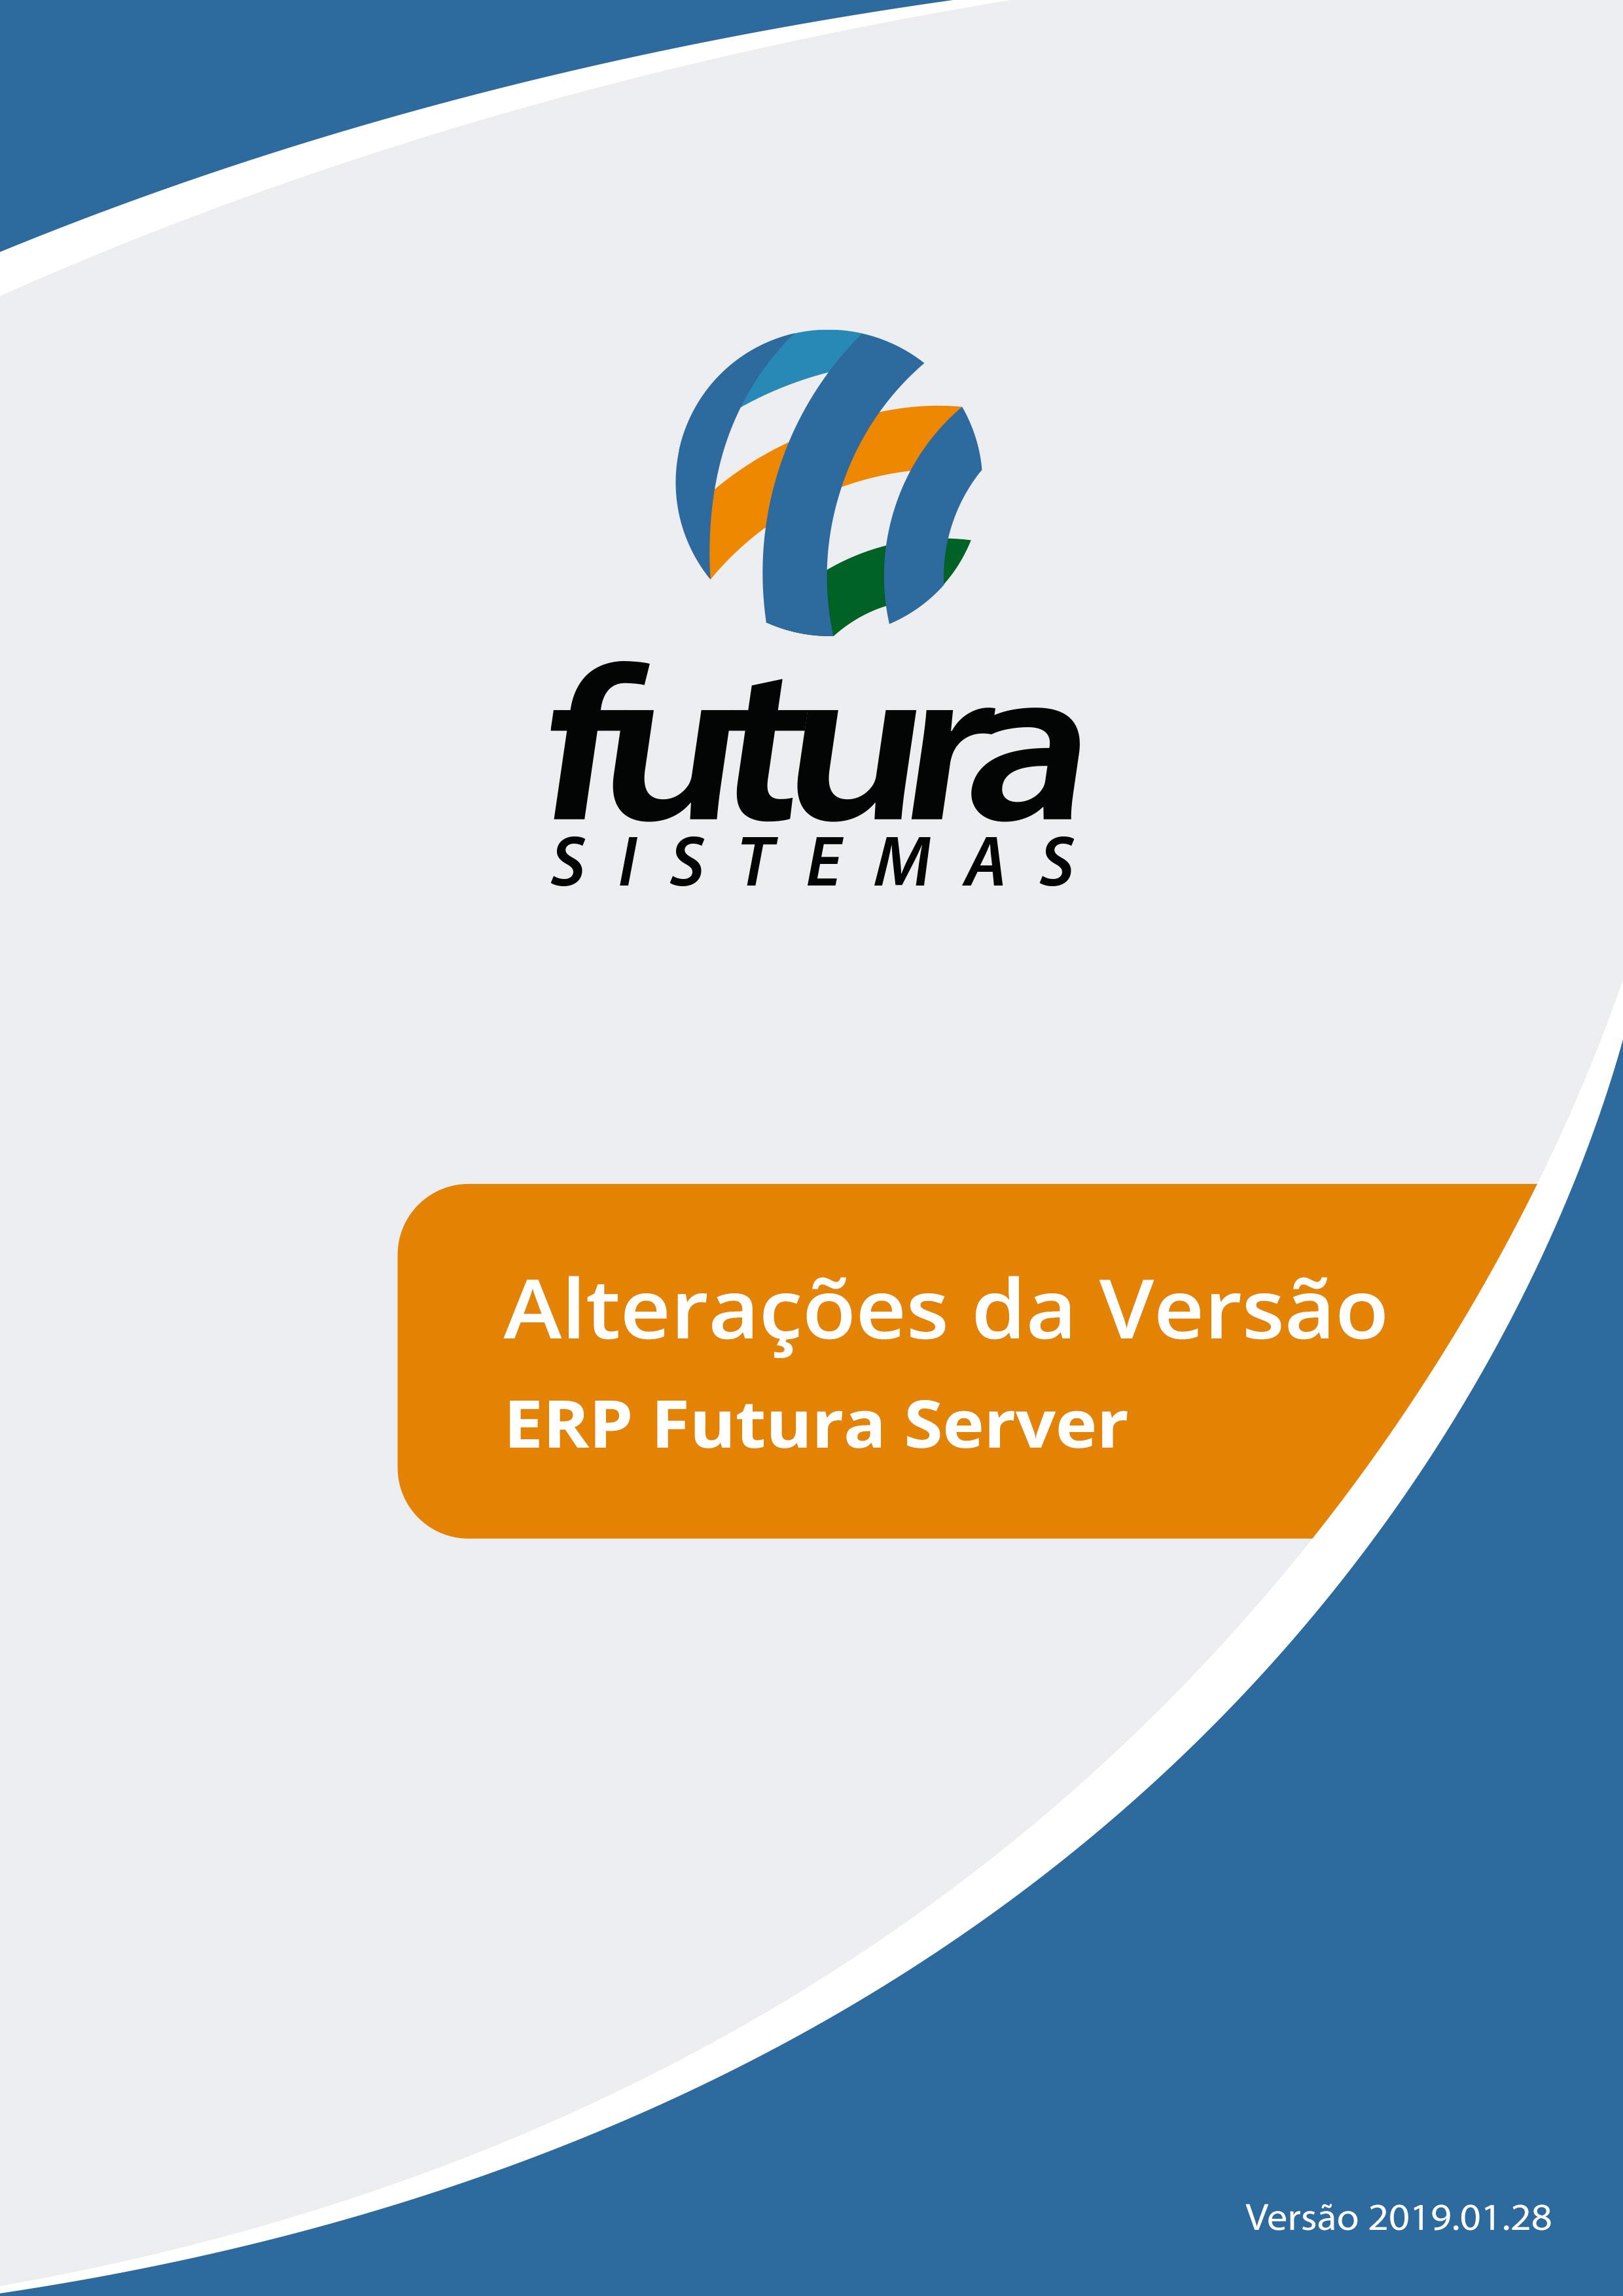 ERP-Futura-Server